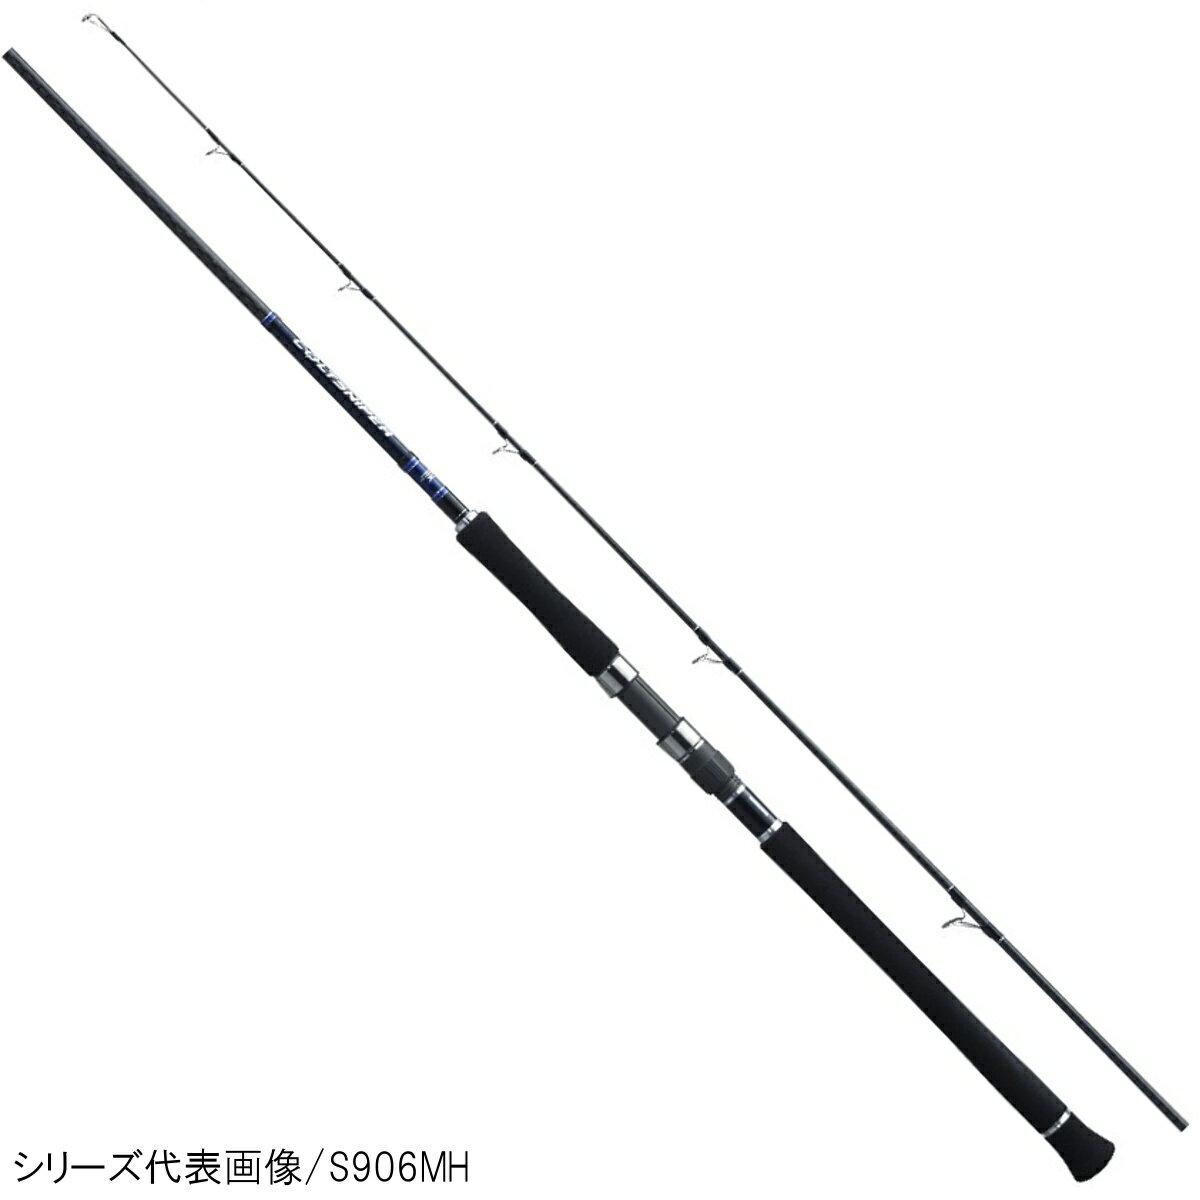 シマノ コルトスナイパー S1006MH【大型商品】